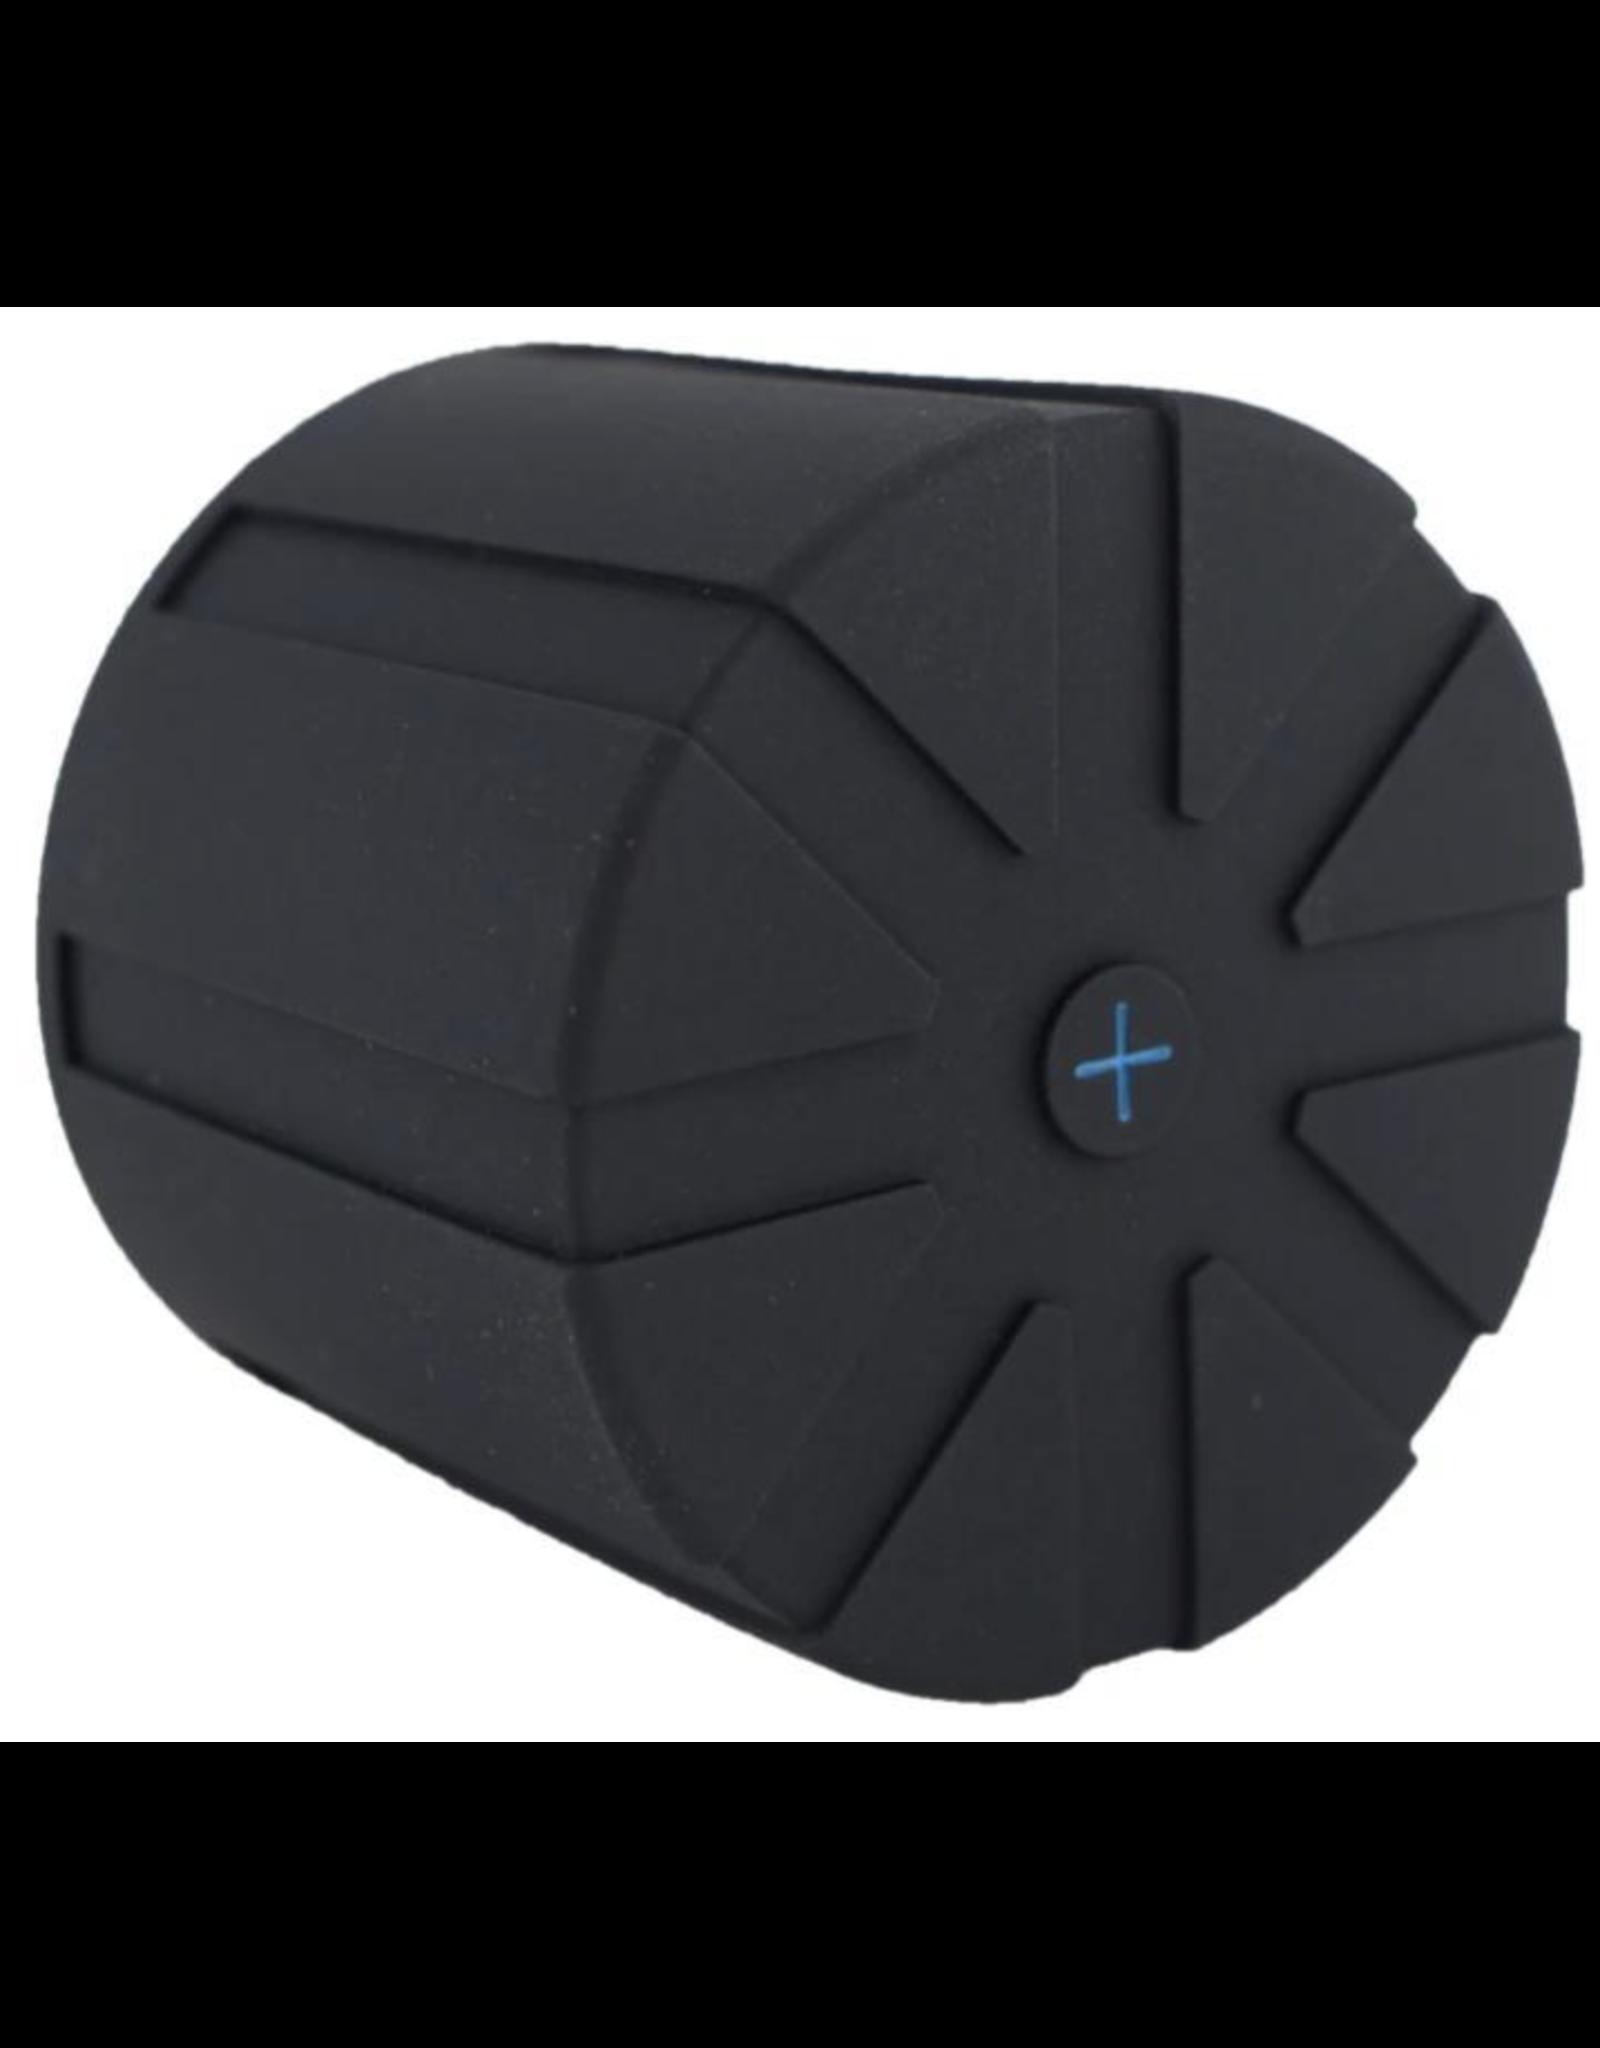 Kuvrd KUVRD Universal Lens Cap